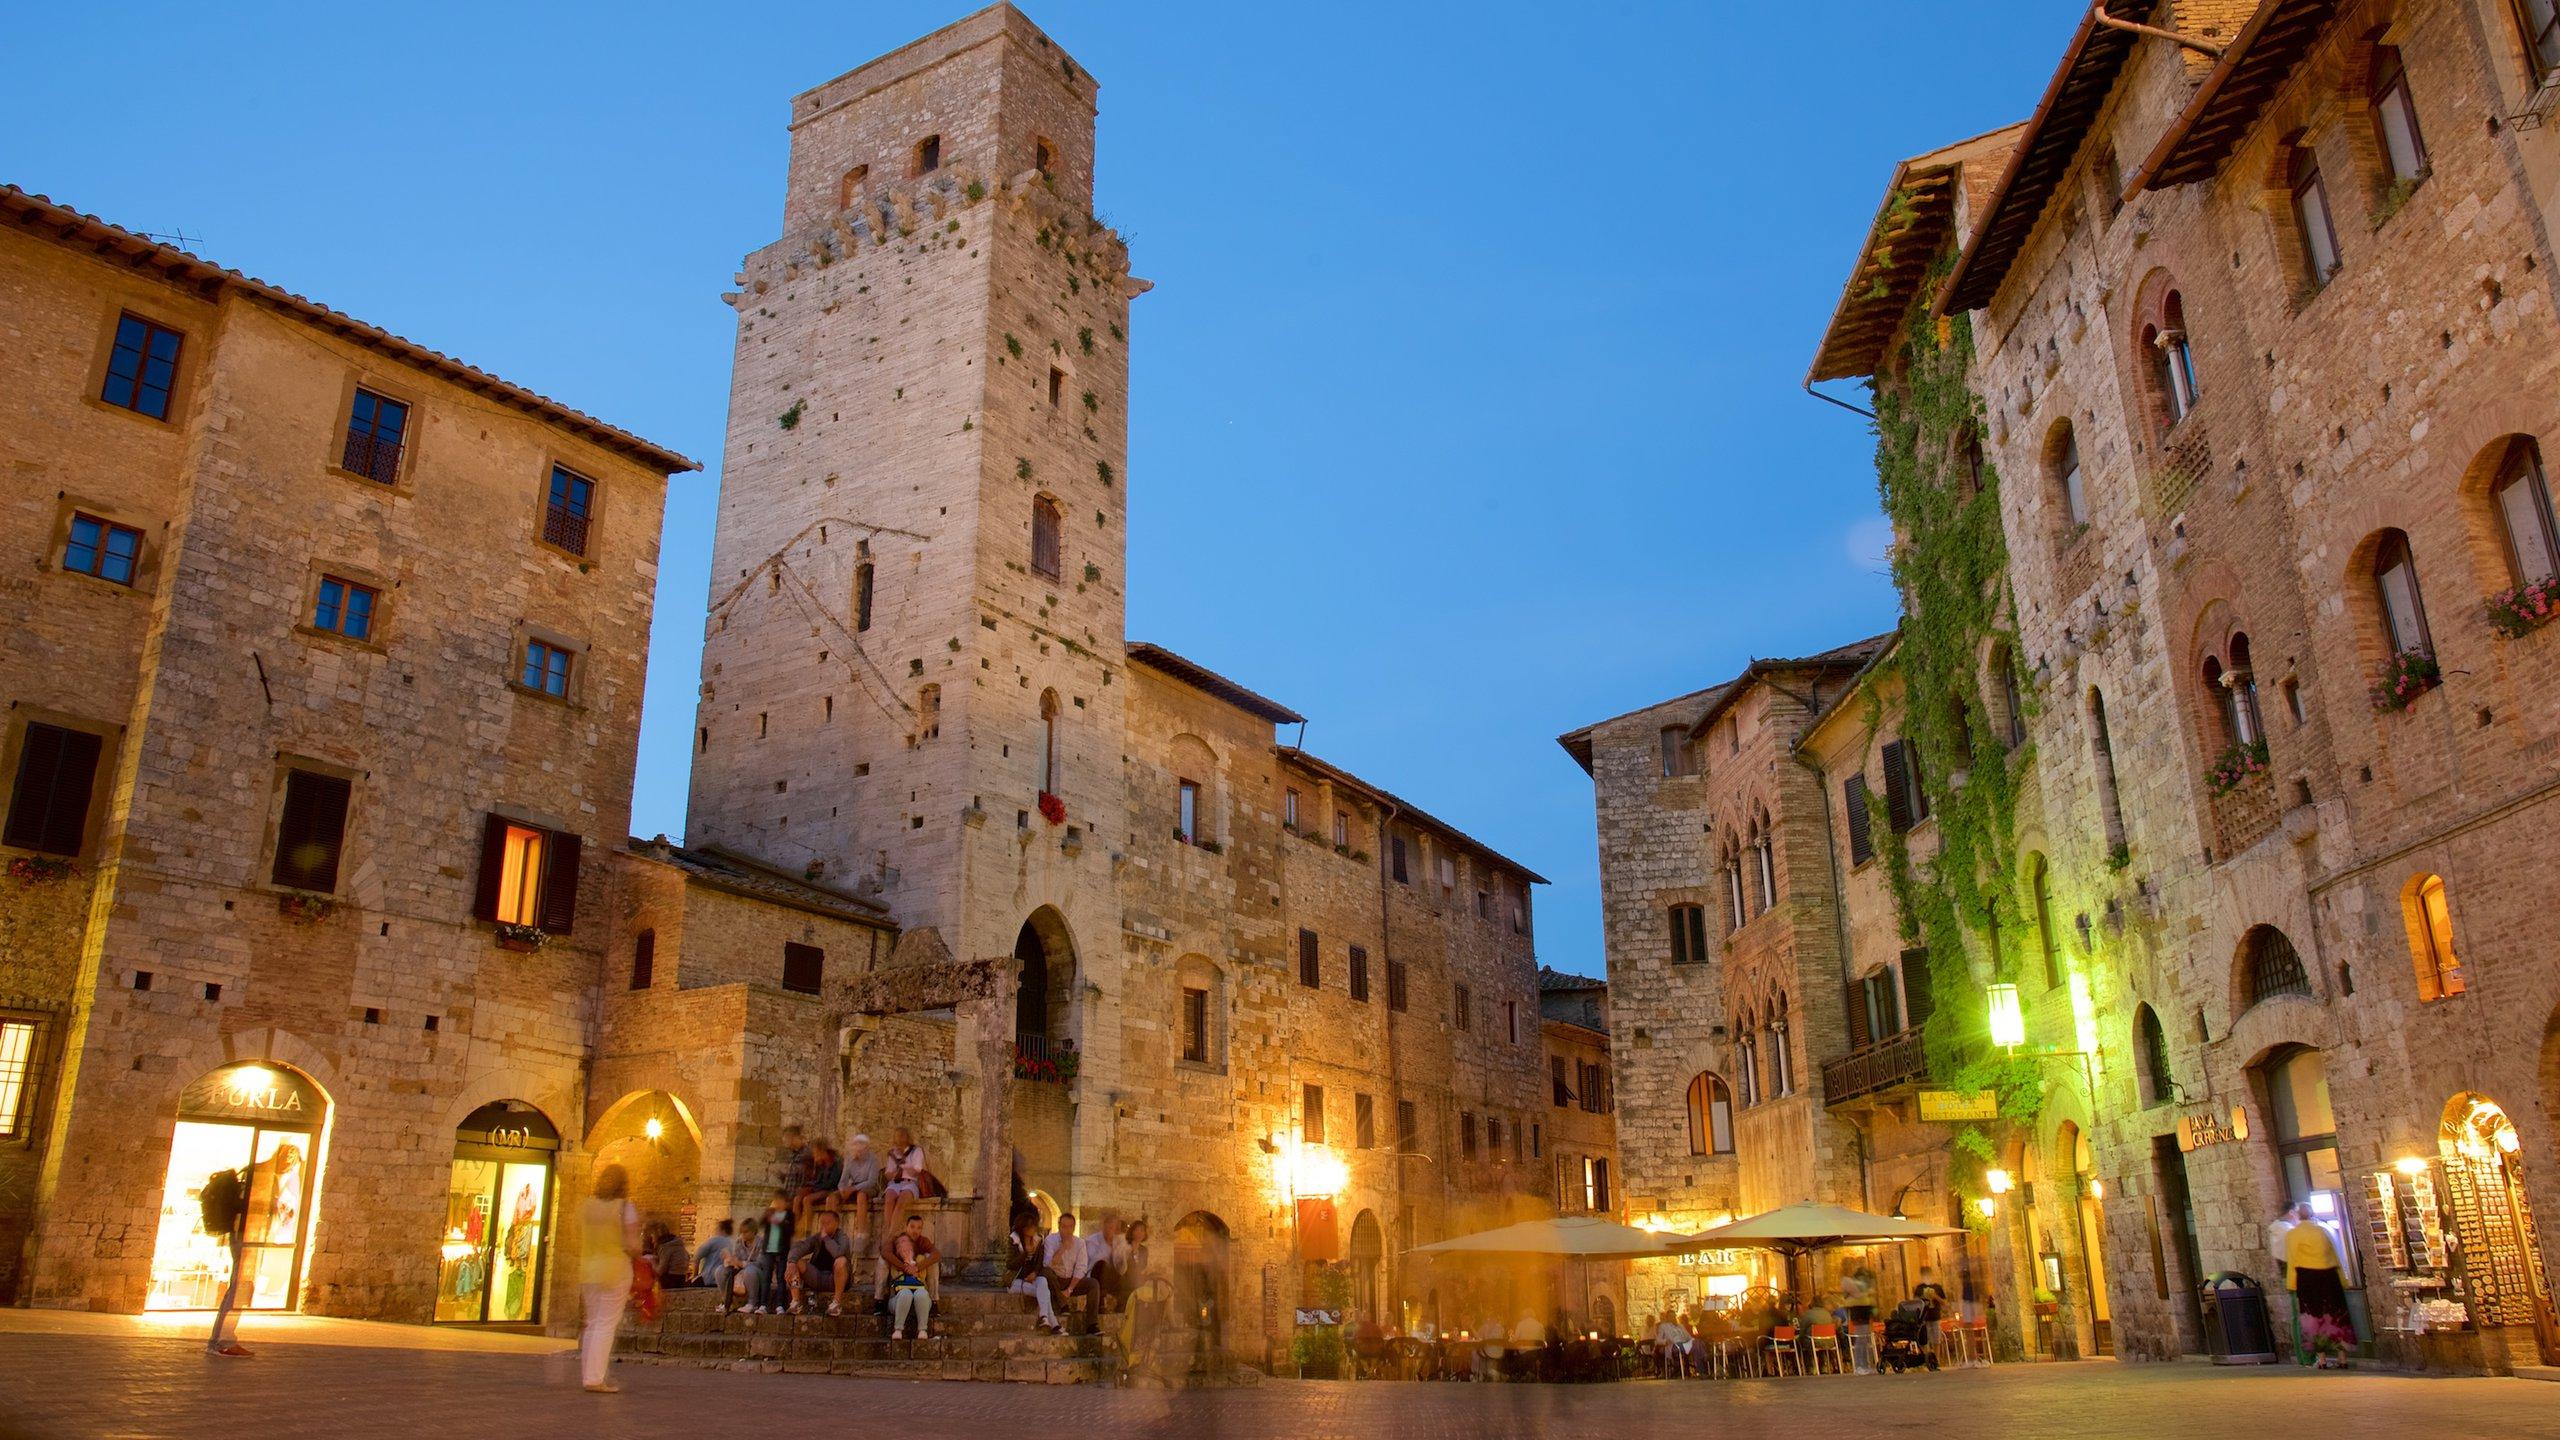 San Gimignano City Centre, San Gimignano, Tuscany, Italy